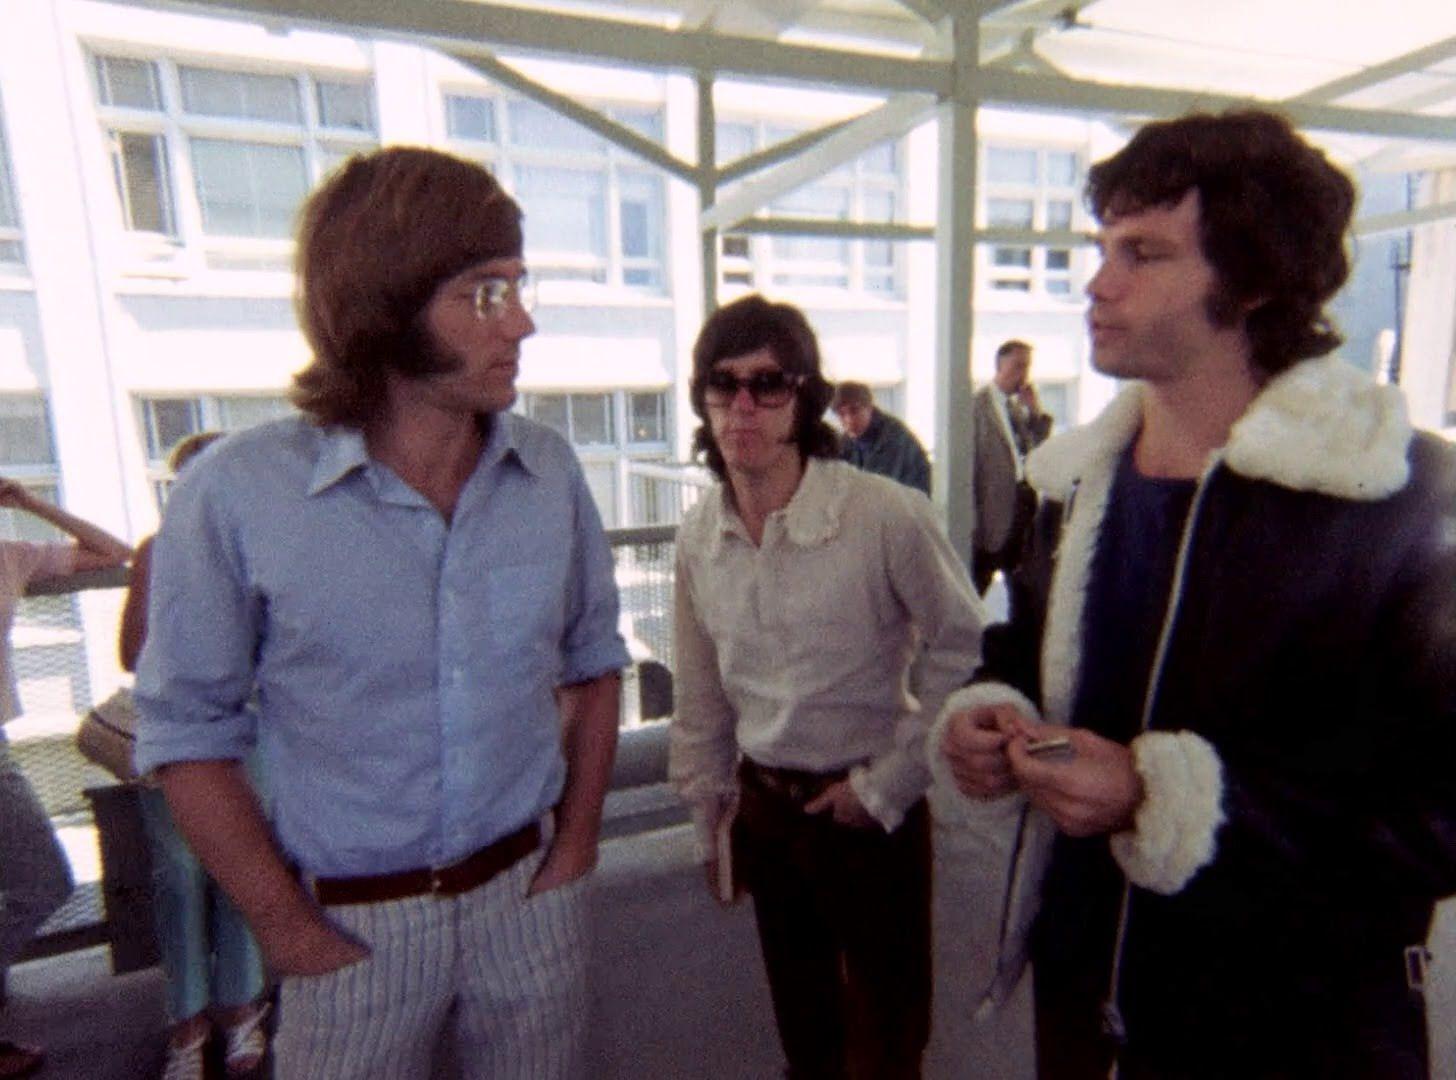 The Doors in Seattle 1968 Feast of Friends HD  sc 1 st  Pinterest & The Doors in Seattle 1968 Feast of Friends HD | Jim Morrison ...